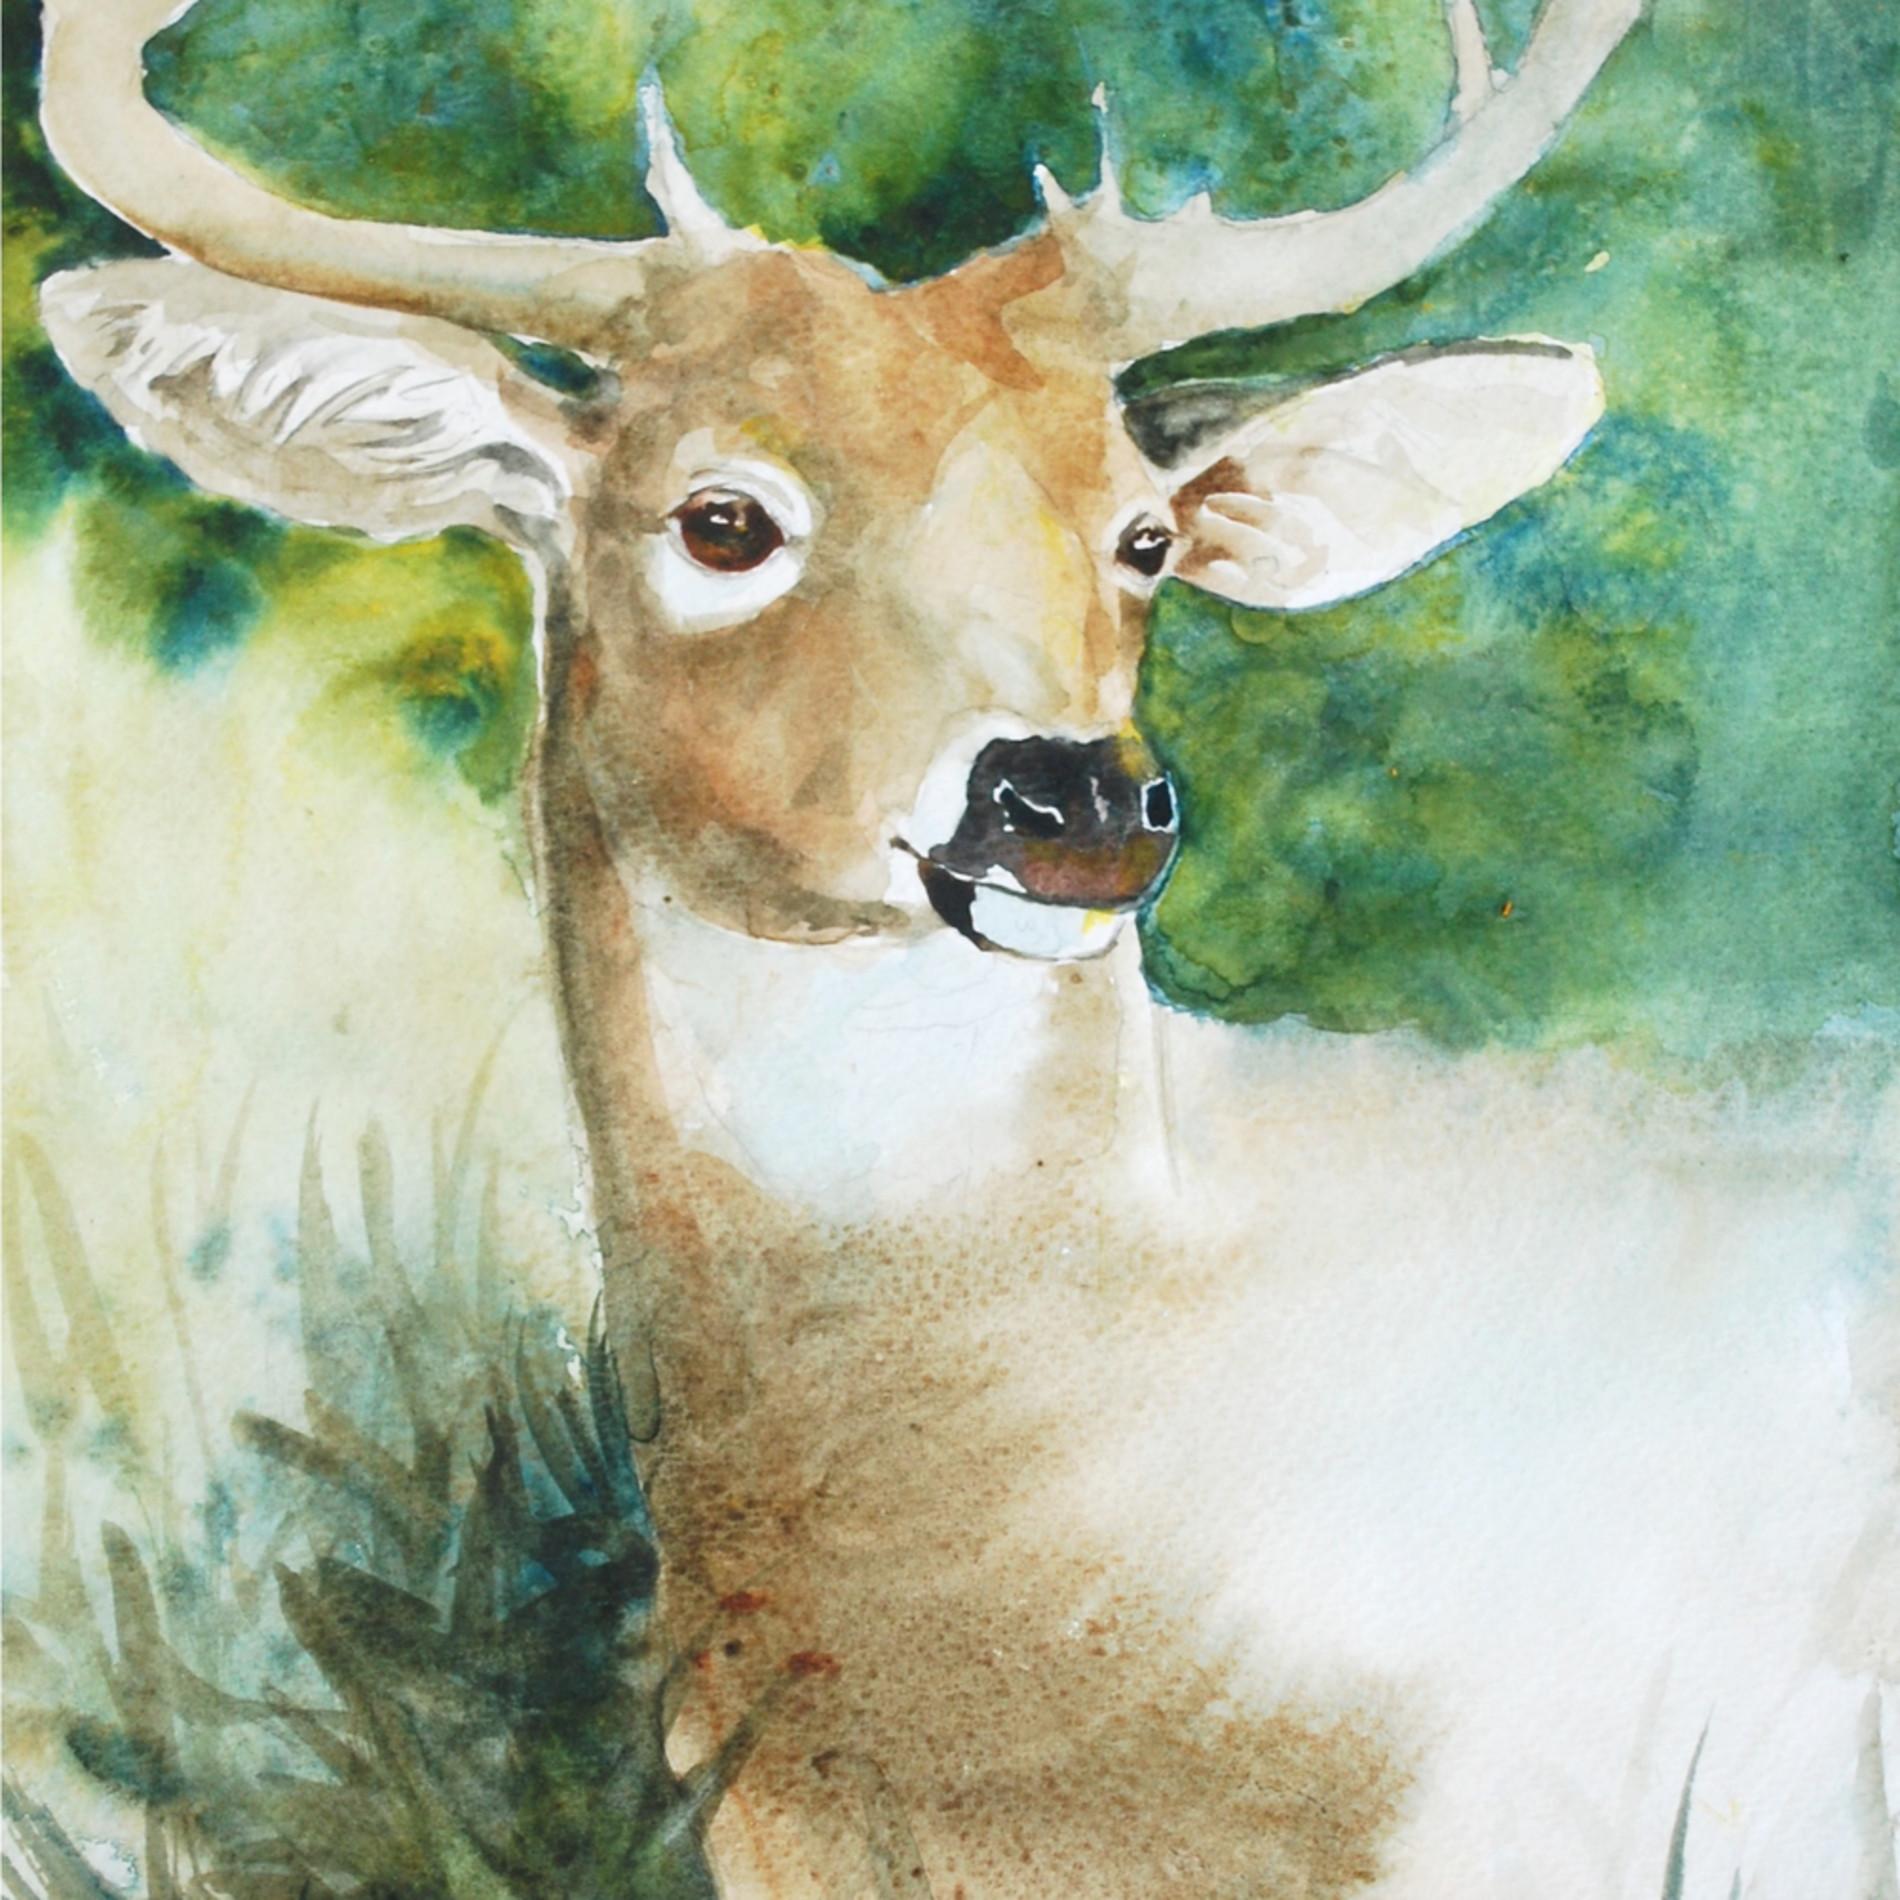 Deer in forest 08 iwnjtc